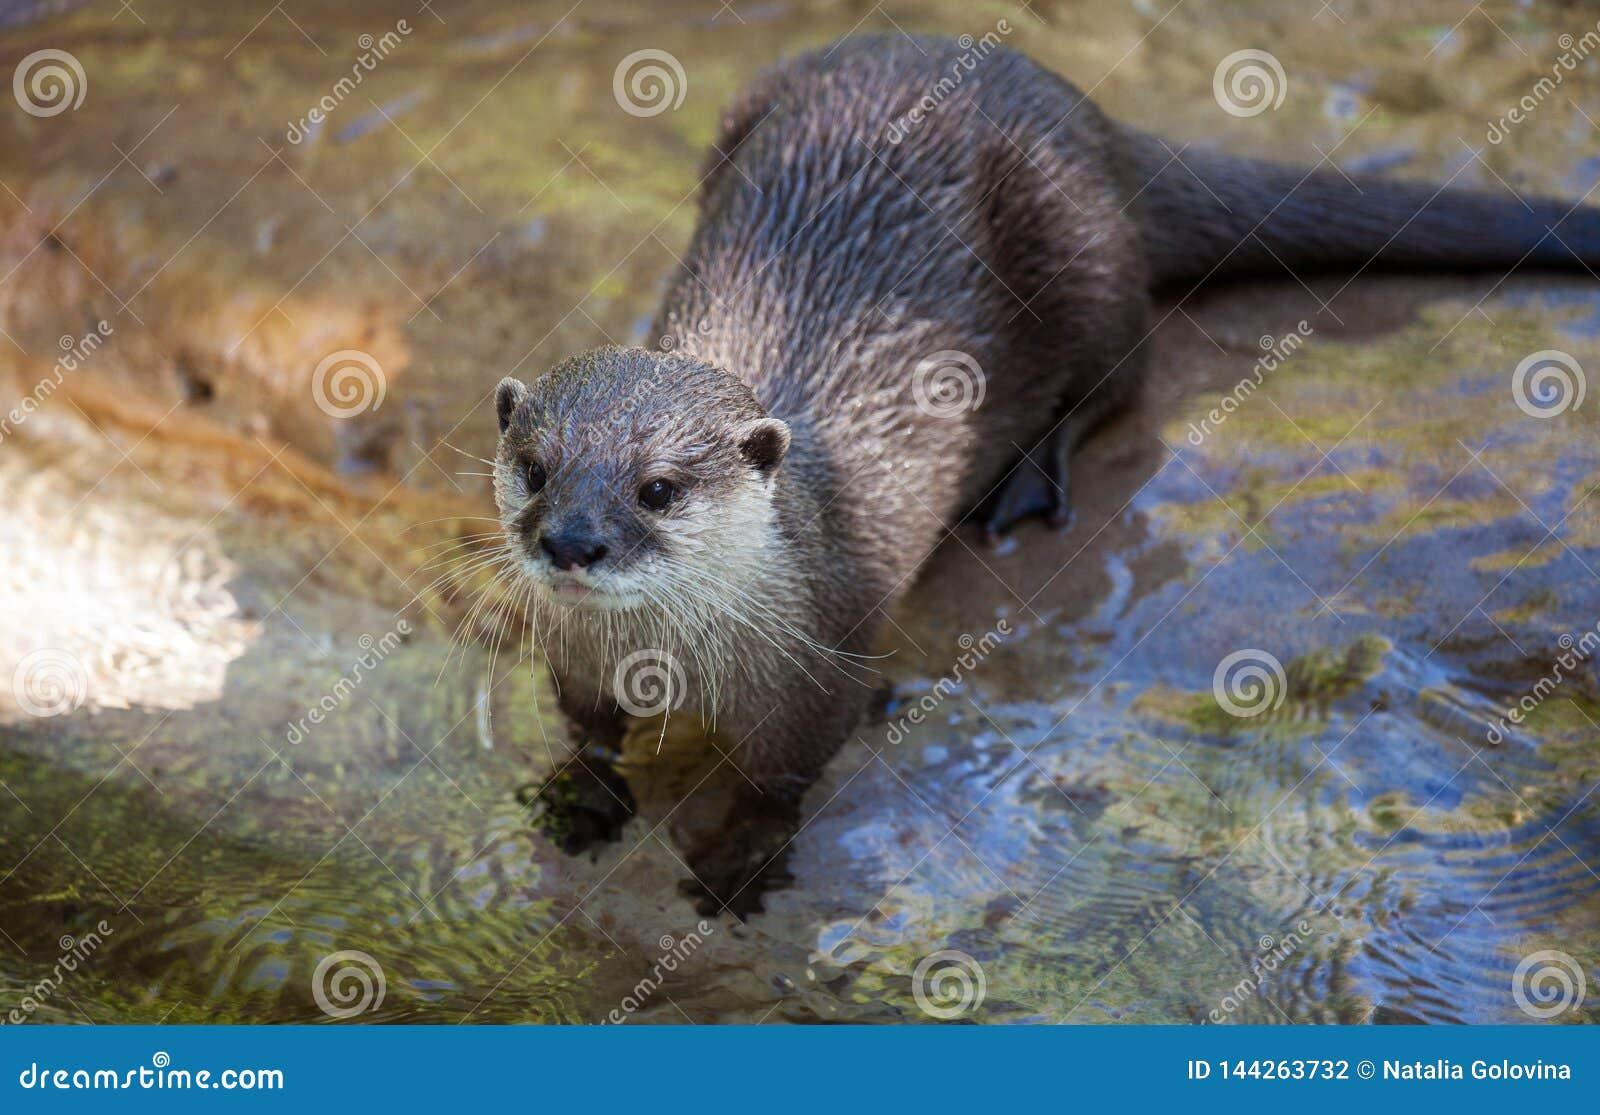 Oosterse klein-gekrabde die otter, Amblonyx-cinereus, ook als de Aziatische klein-gekrabde otter wordt bekend